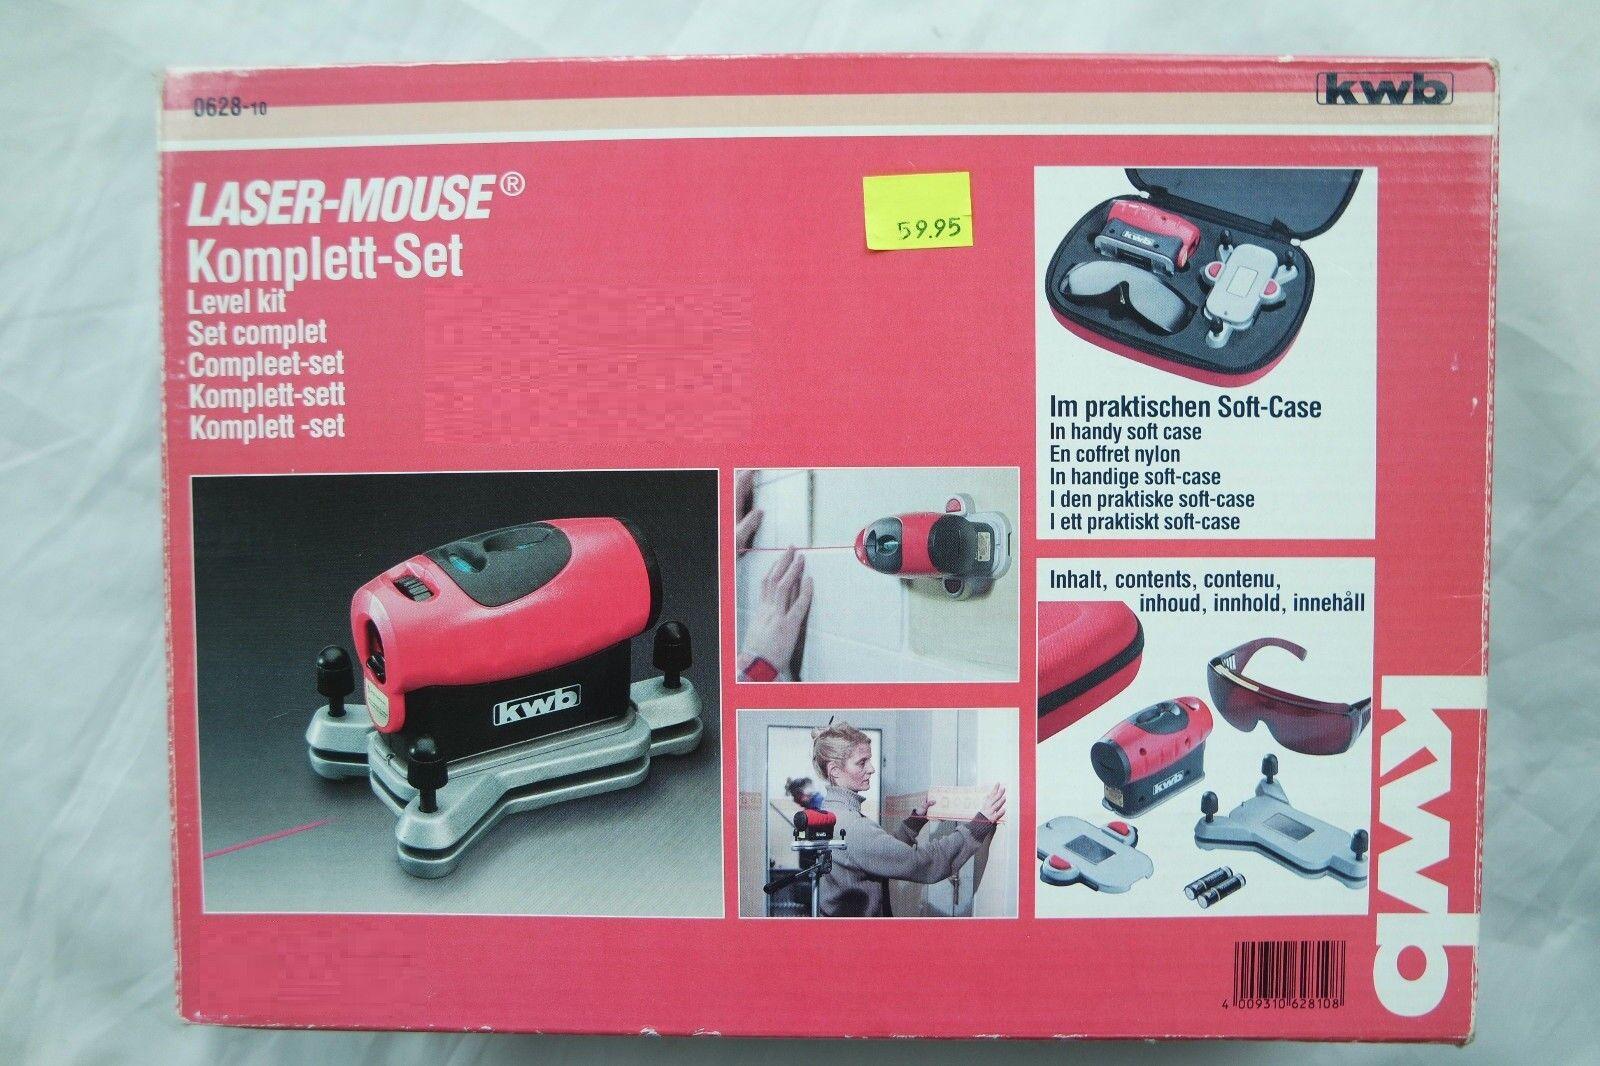 Makita Laser Entfernungsmesser : Laser mouse komplett set inkl. softcase ebay